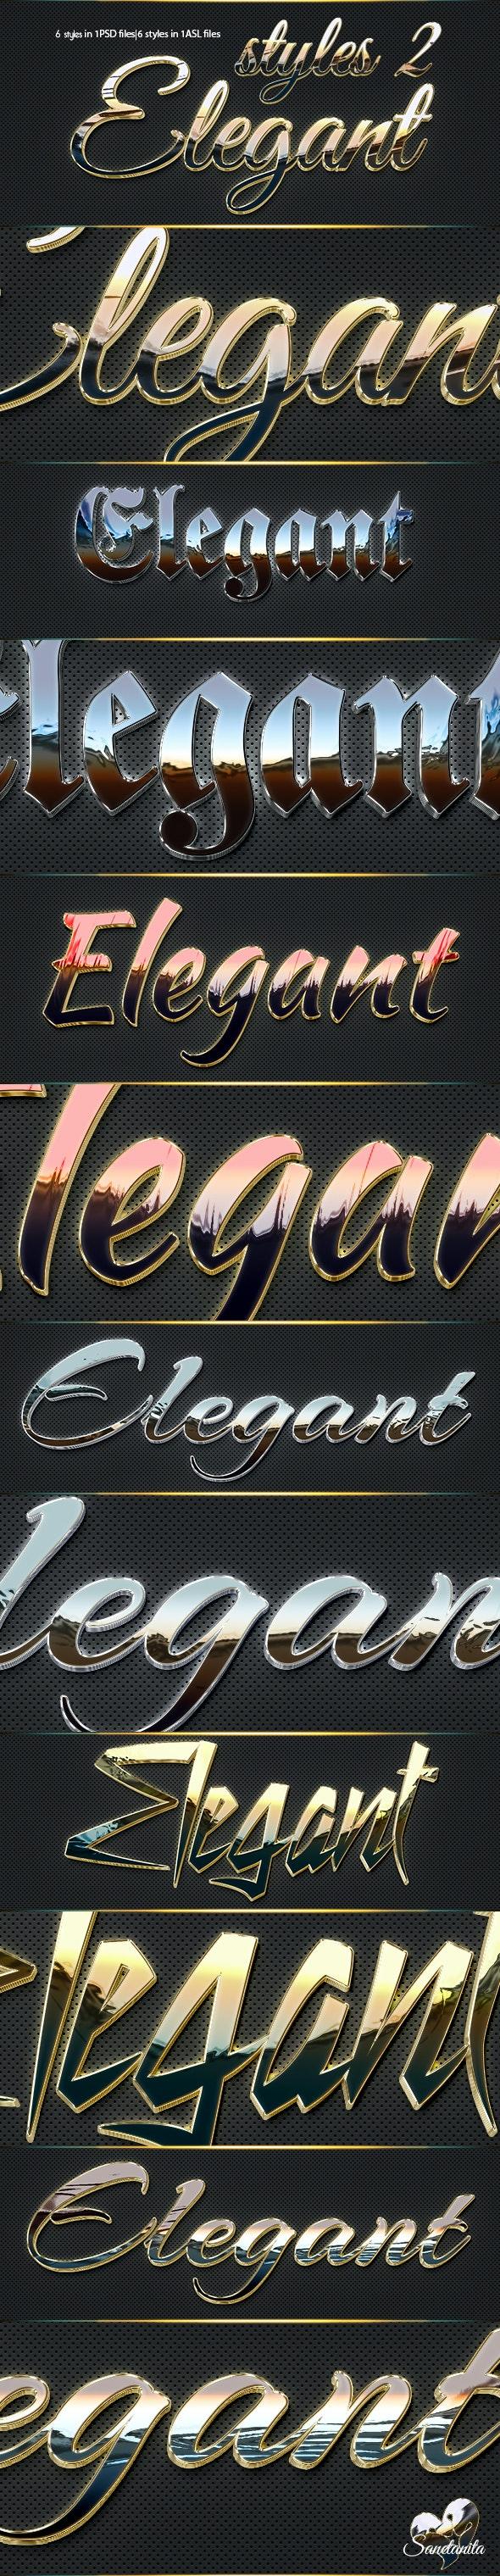 3D Elegant Styles 2 - Text Effects Styles